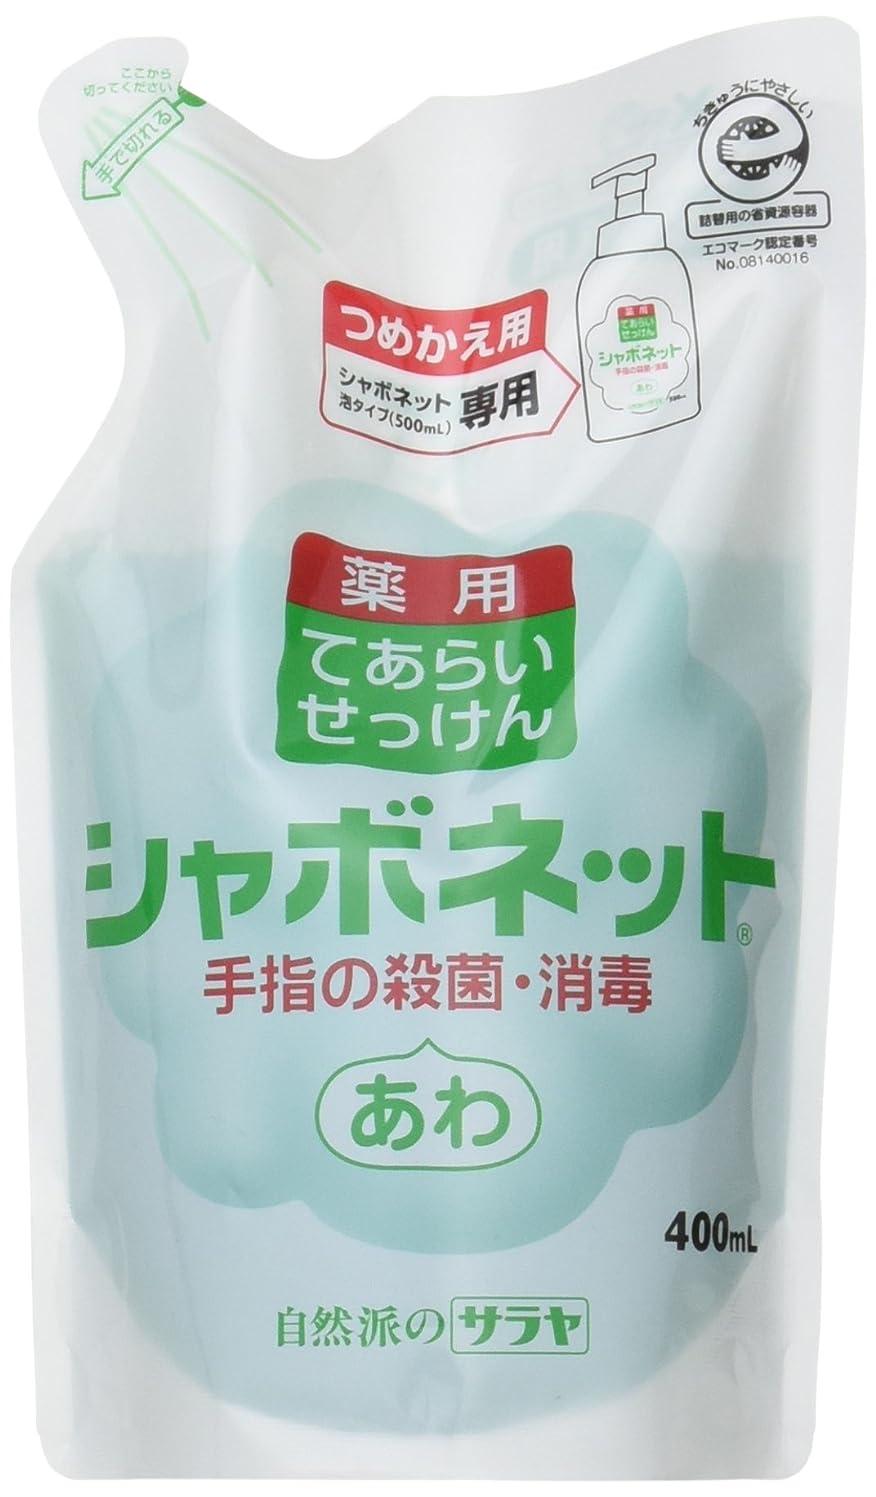 推論つかいますツールサラヤ シャボネットP-5 (400ml 詰替用) 手指殺菌?消毒 植物性薬用石けん液 (シトラスグリーンの香り)